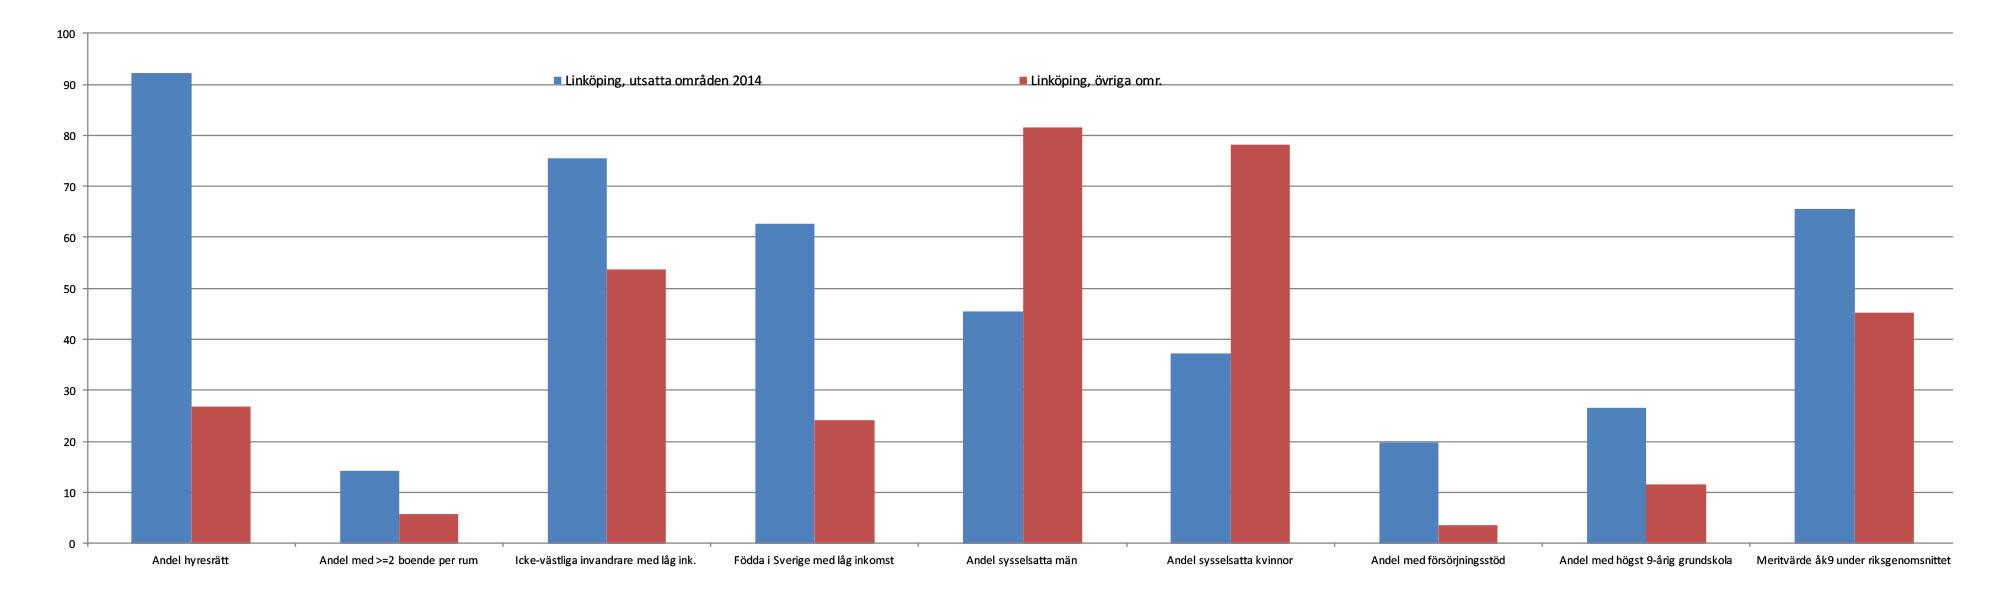 Några nyckeldata för Linköpings arbetsmarknadsregion 2014. Boende per rum avser hela befolkningen, meritvärde avser avgångna åk 9, övriga avser befolkningen 20-64 år.